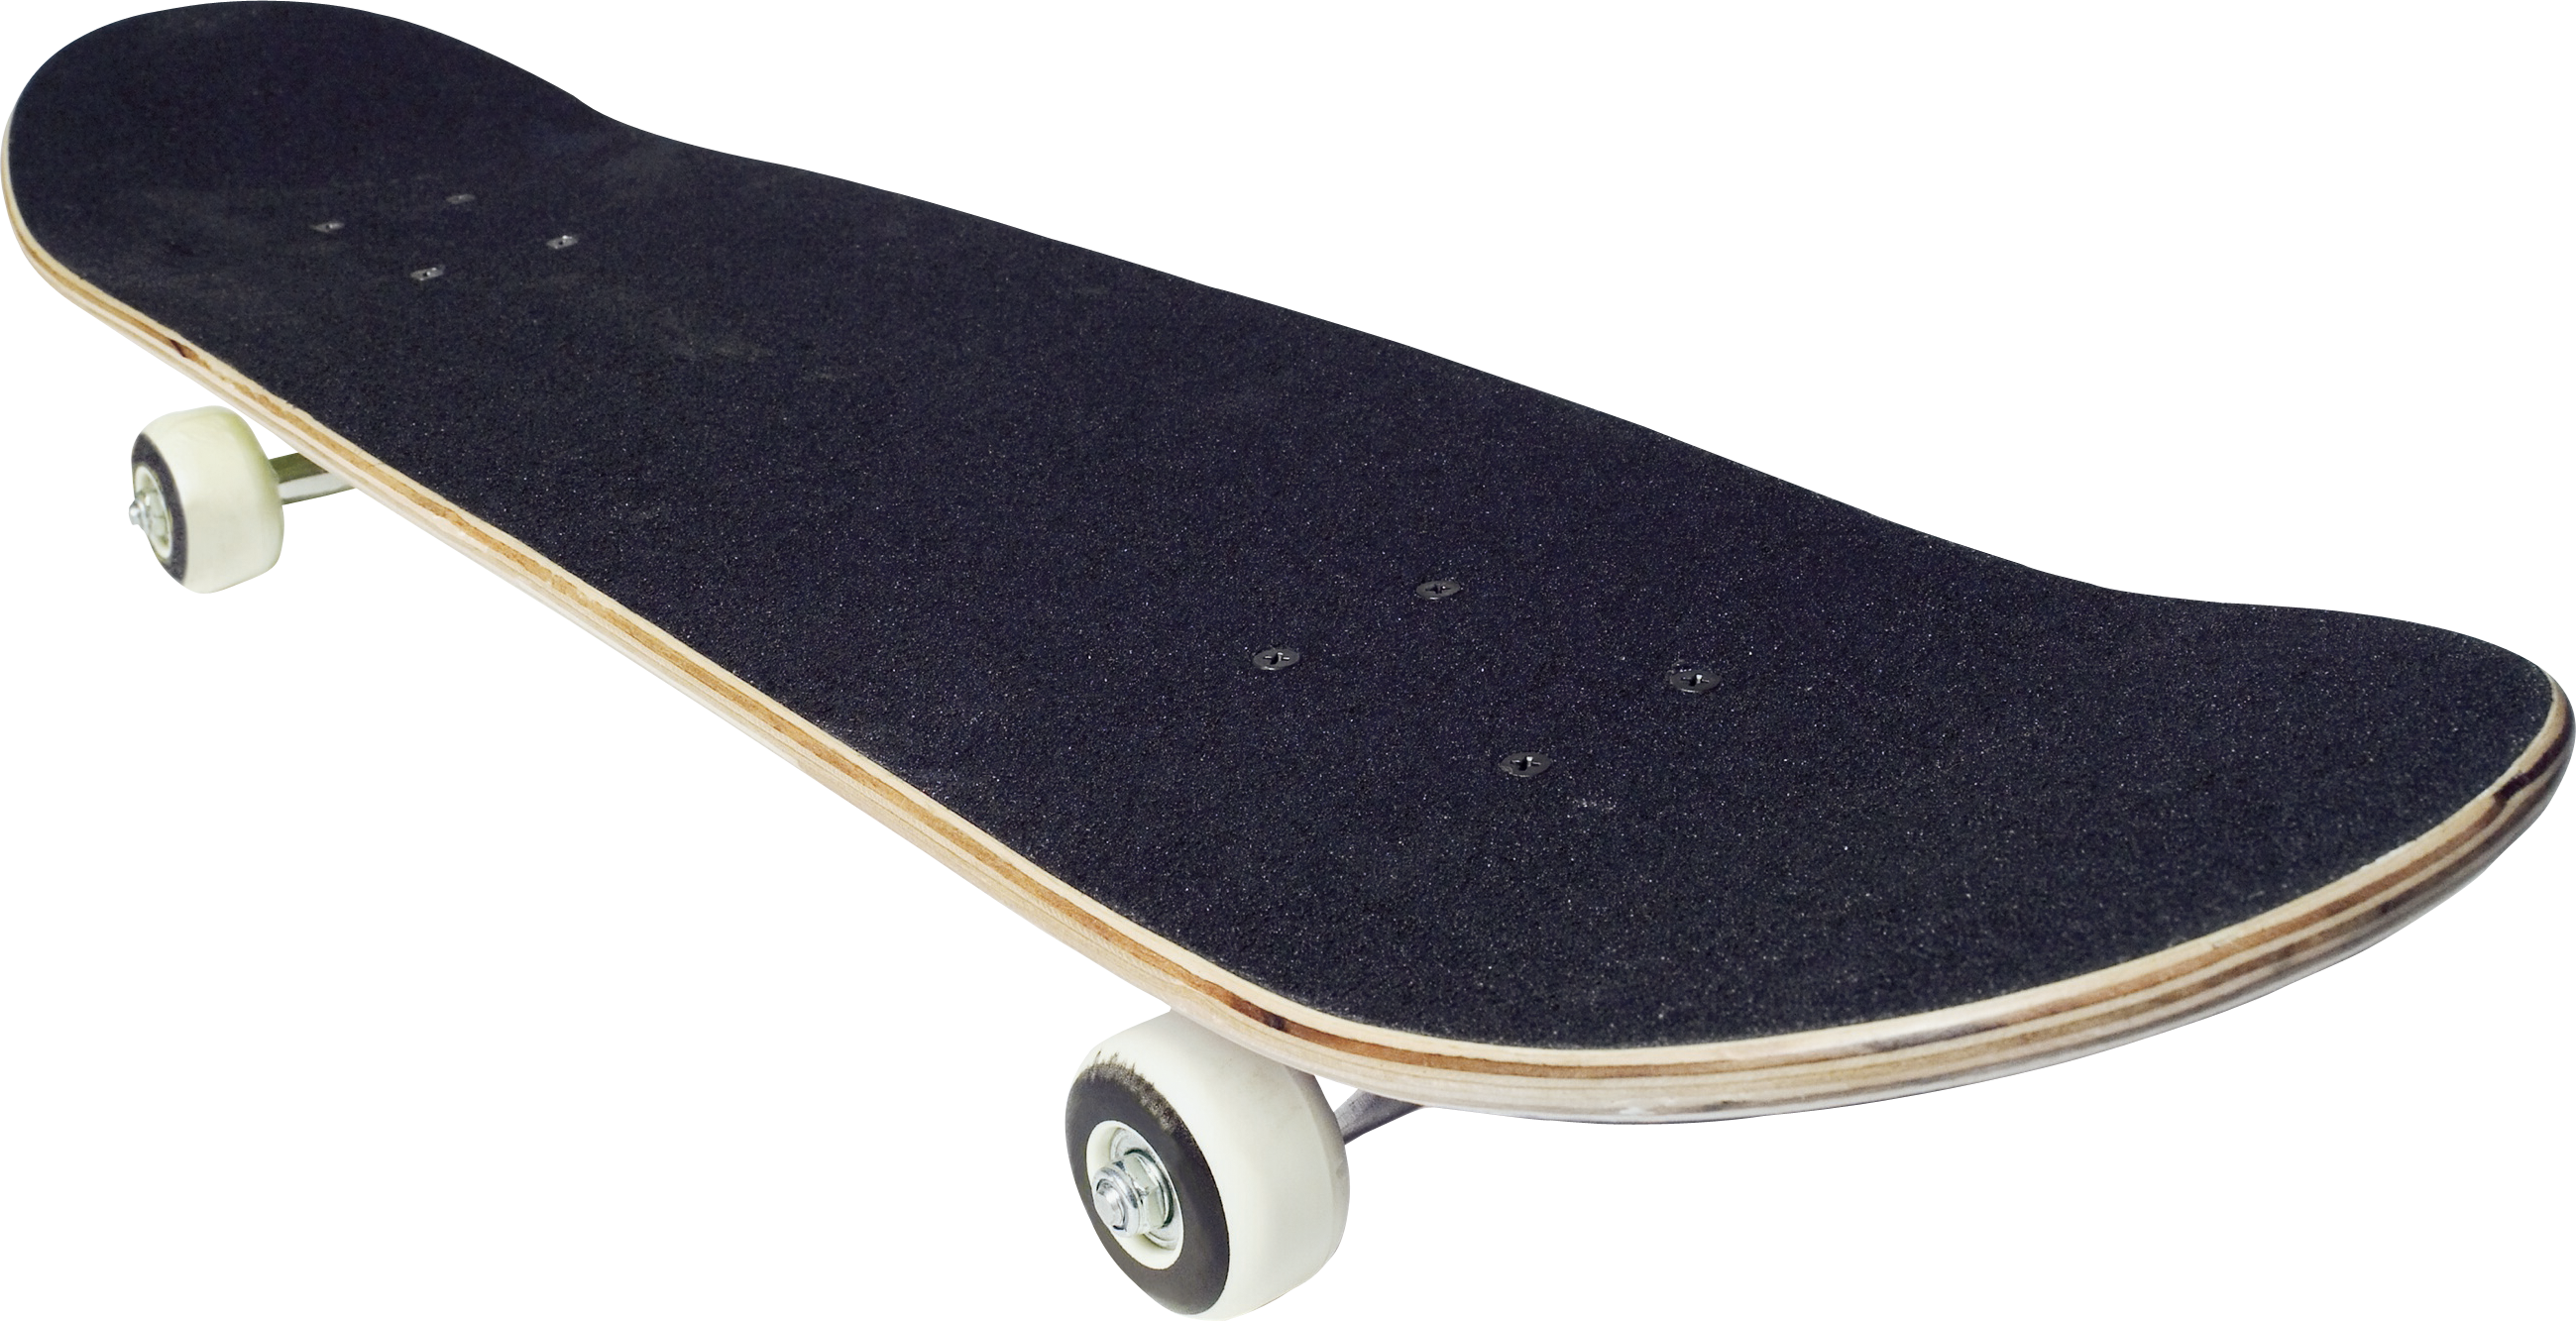 skateboard png 6